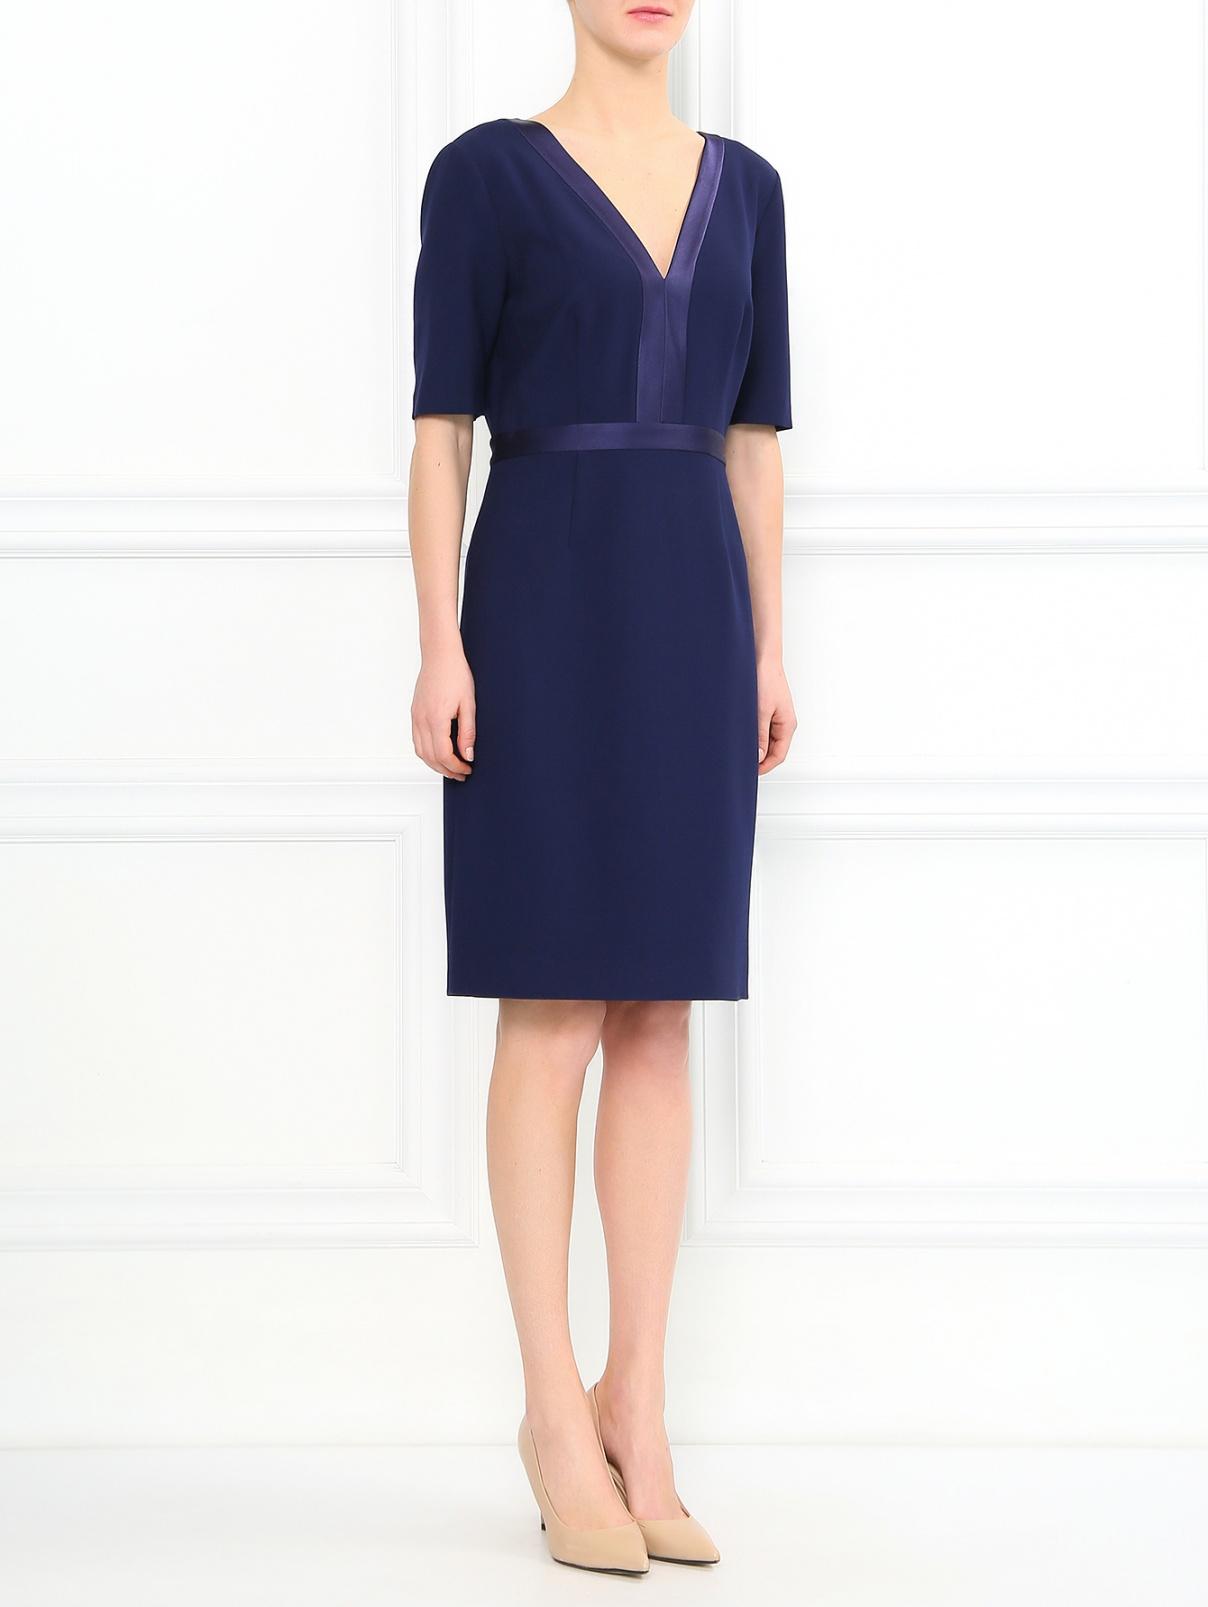 Трикотажное платье-футляр с рукавами 3/4 Diane von Furstenberg  –  Модель Общий вид  – Цвет:  Синий